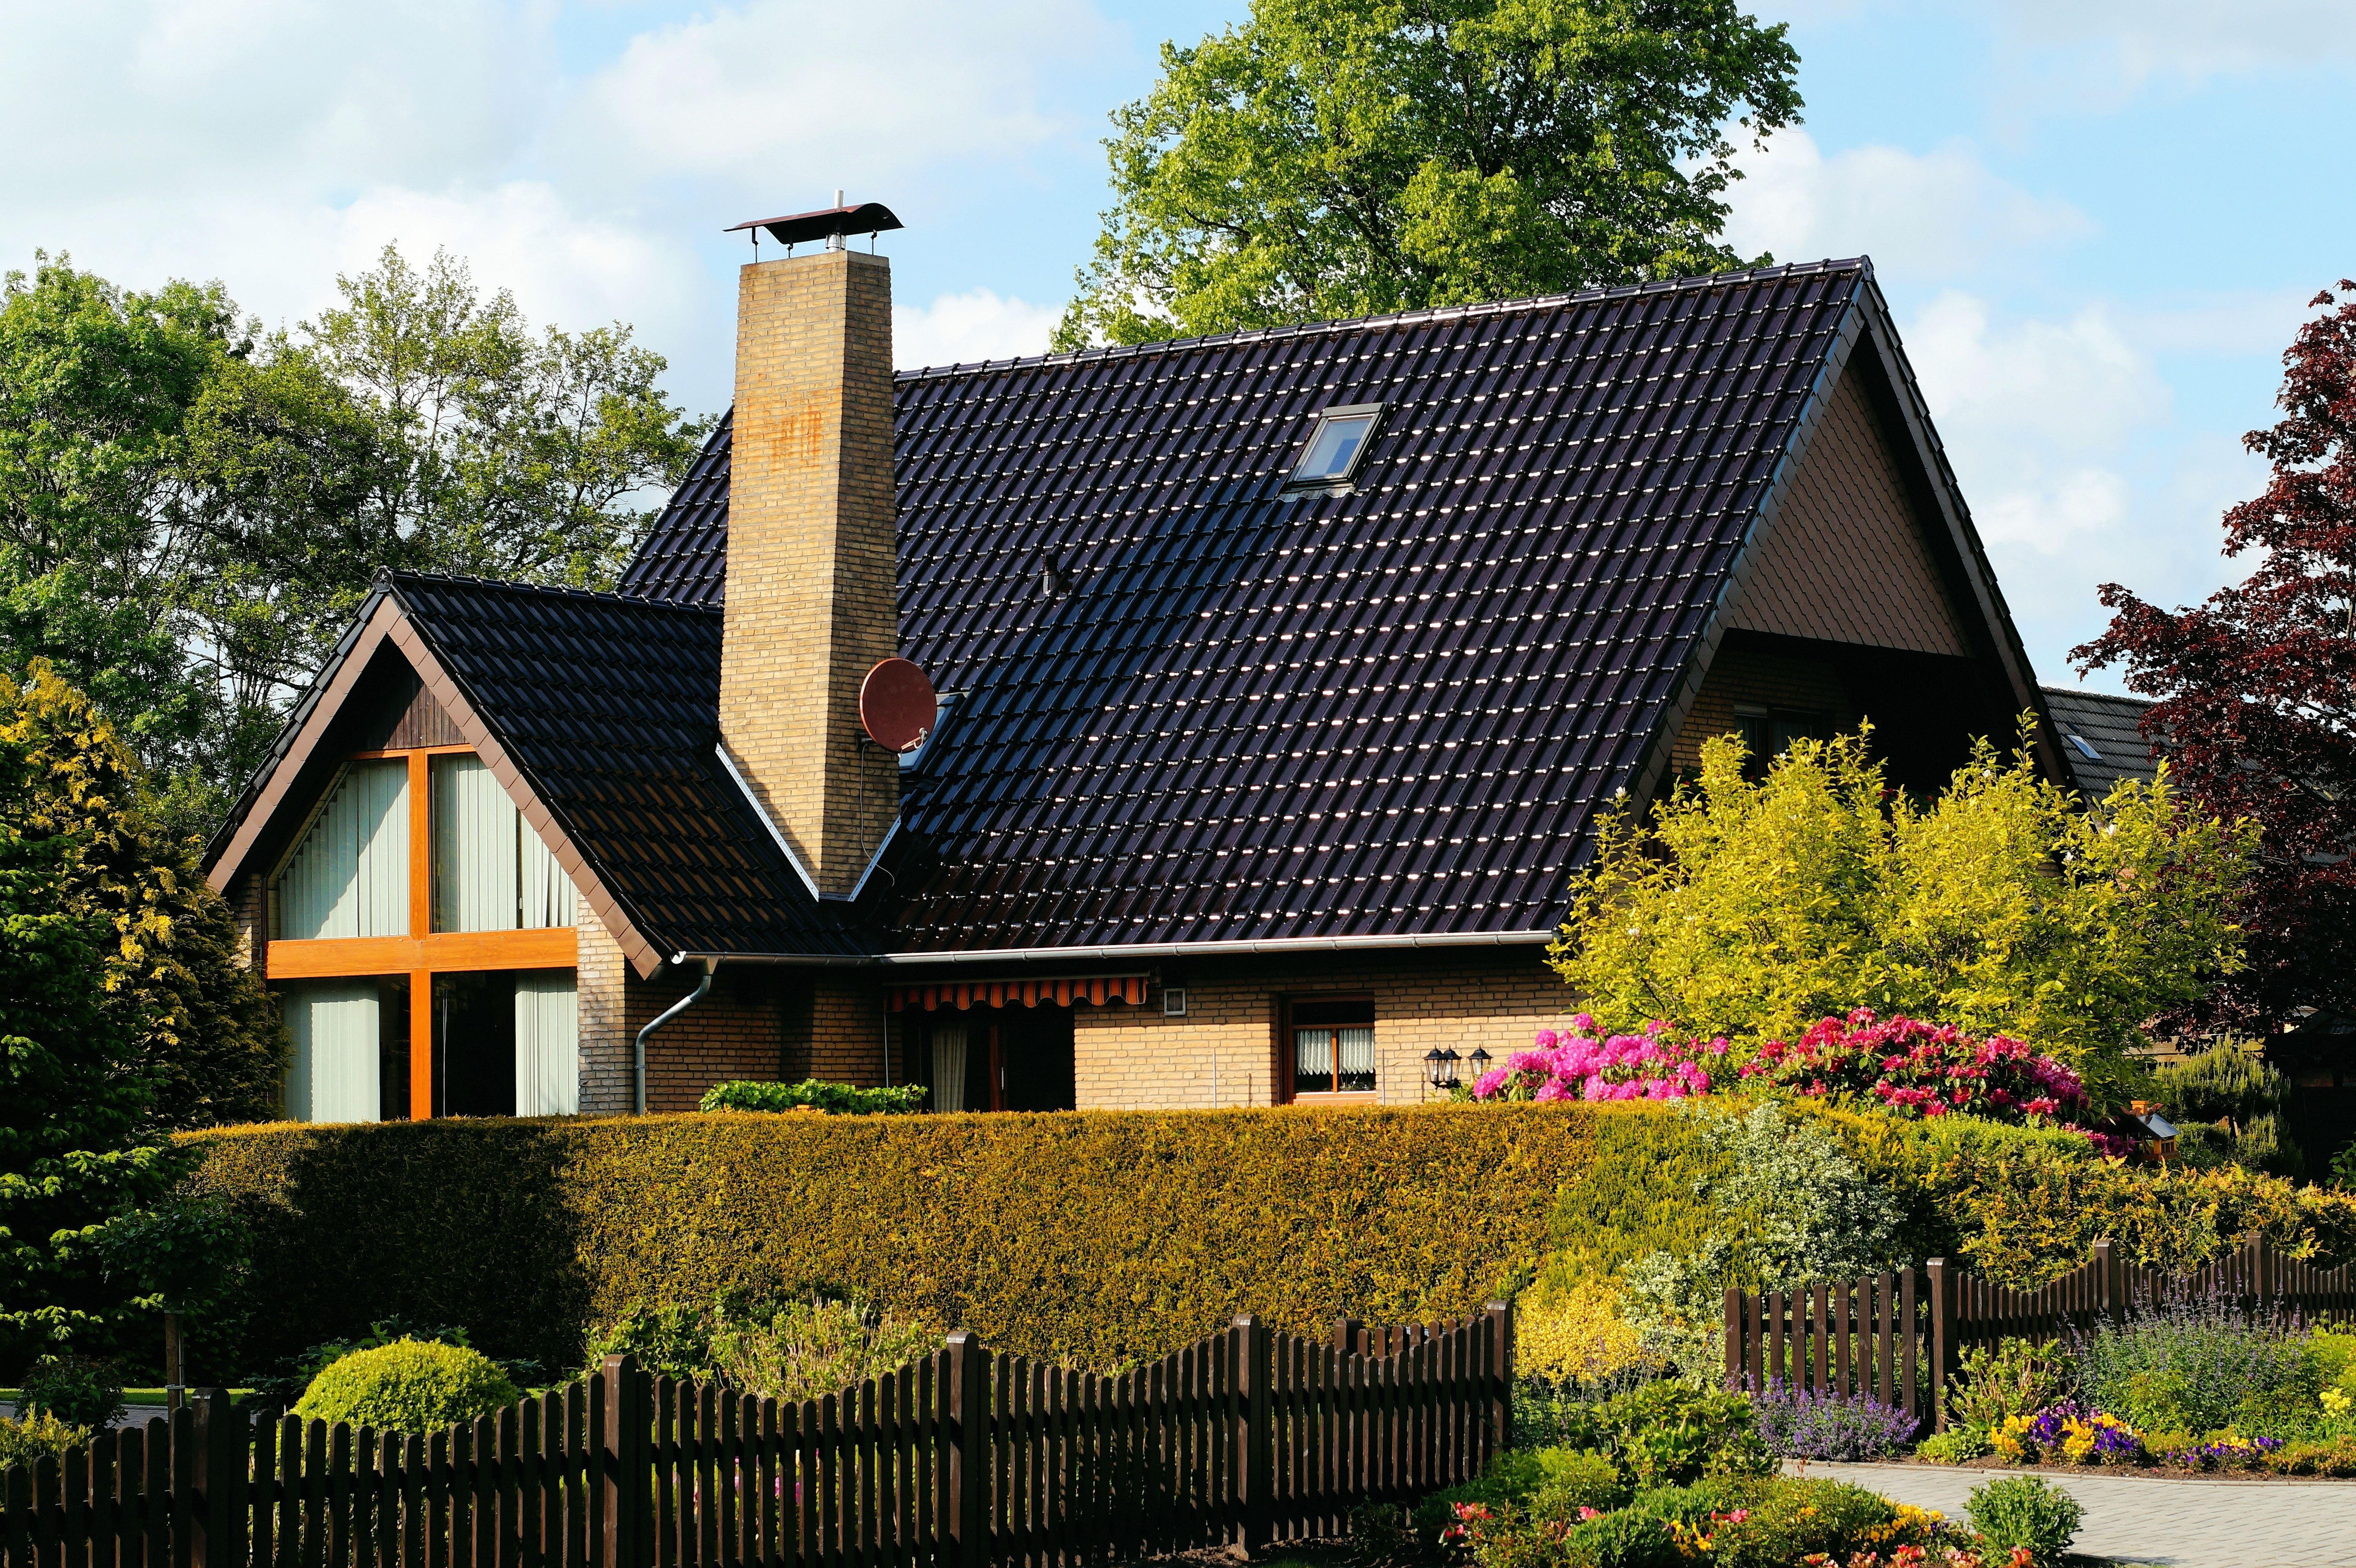 architecture ferme pelouse maison fentre toit btiment maison banlieue chalet arrire cour faade proprit jardin